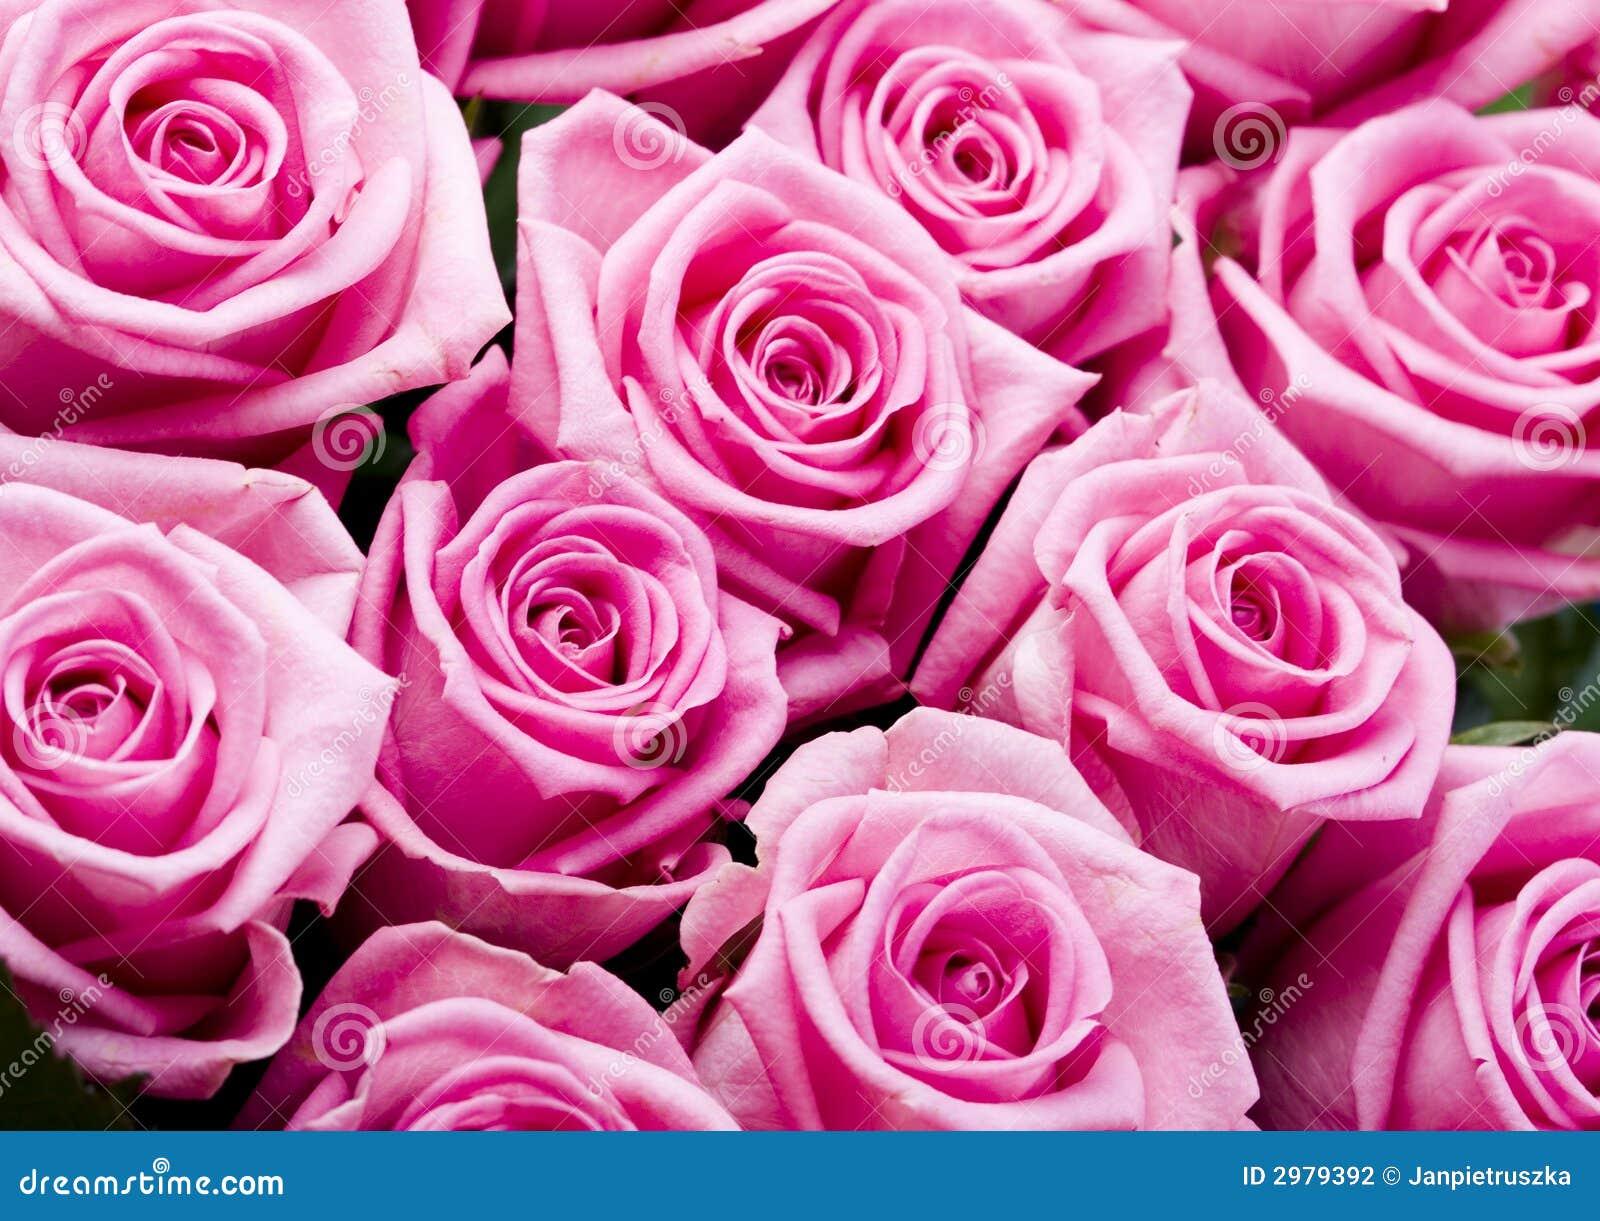 imagenes de flores - photo #13